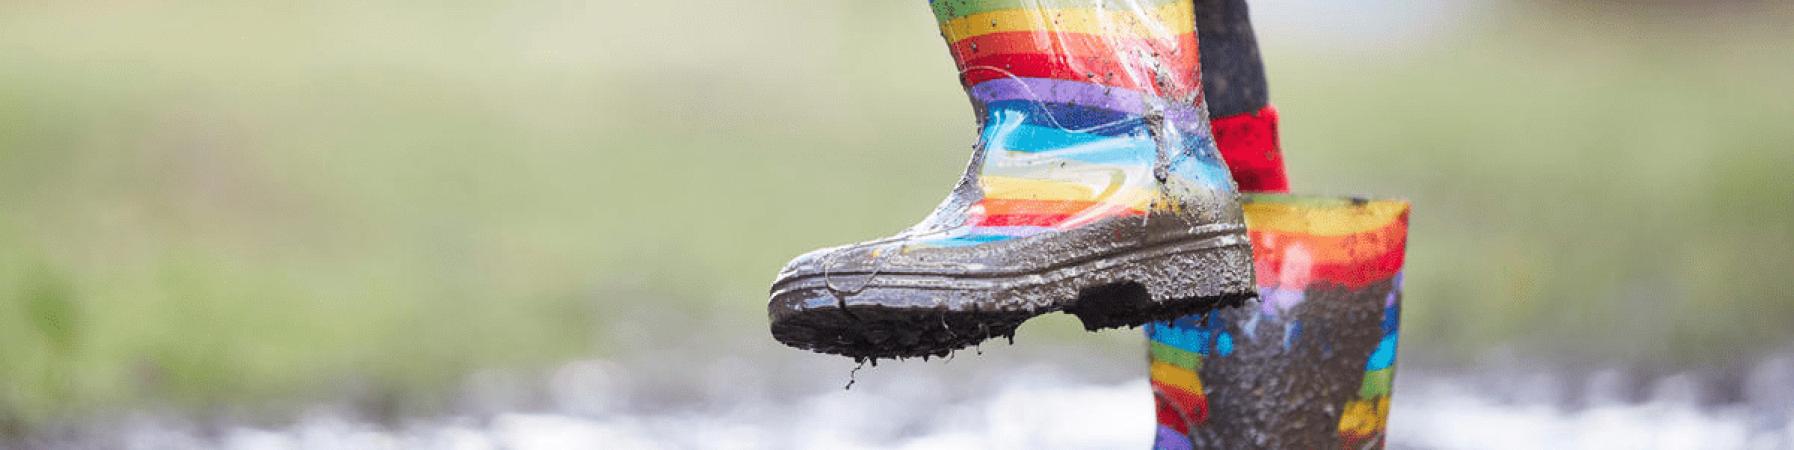 stivaletti di gomma che saltellano nel fango, taglio della foto sulle gambe